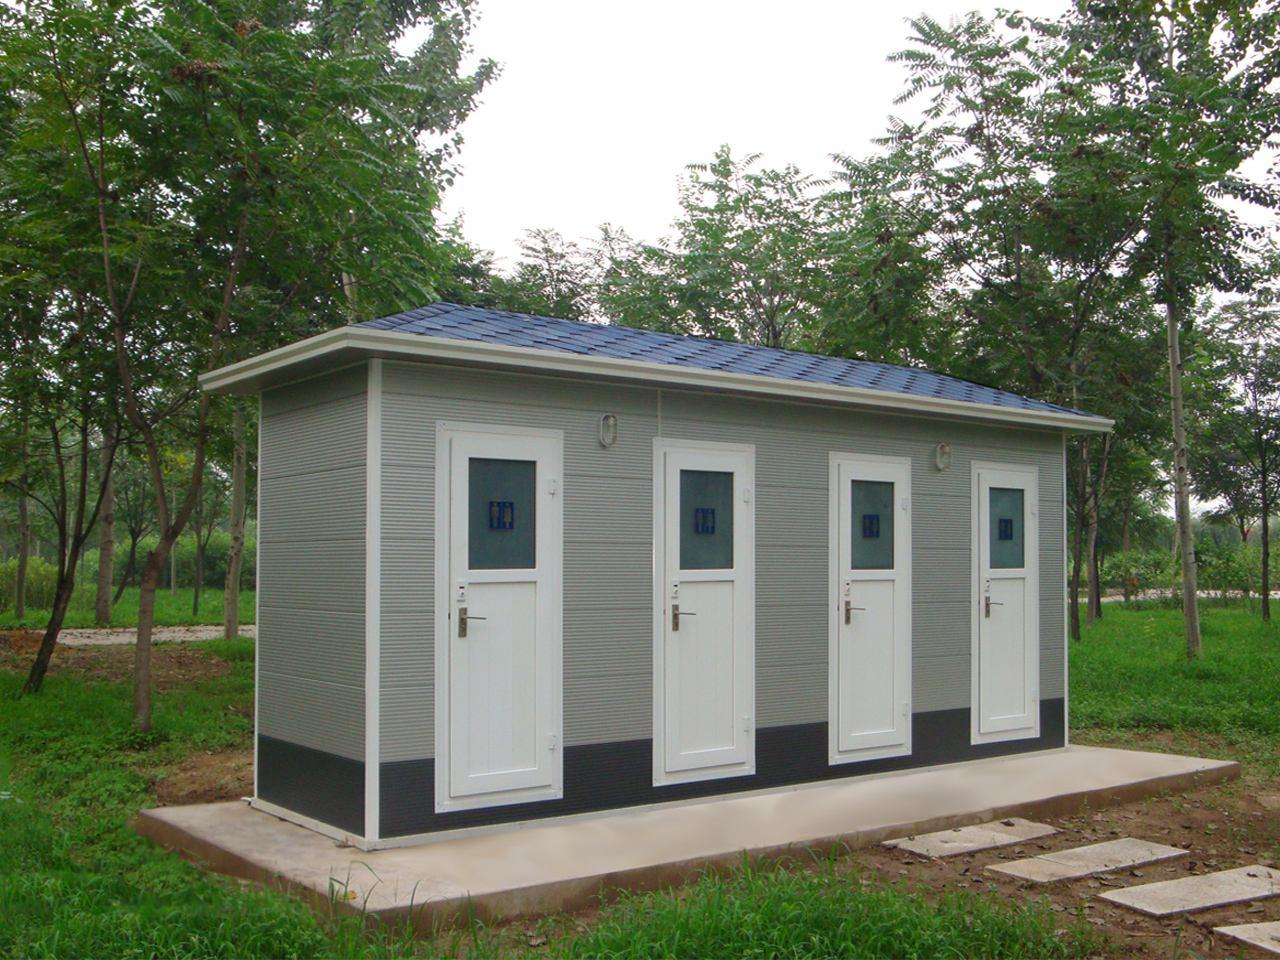 西安公园移动厕所